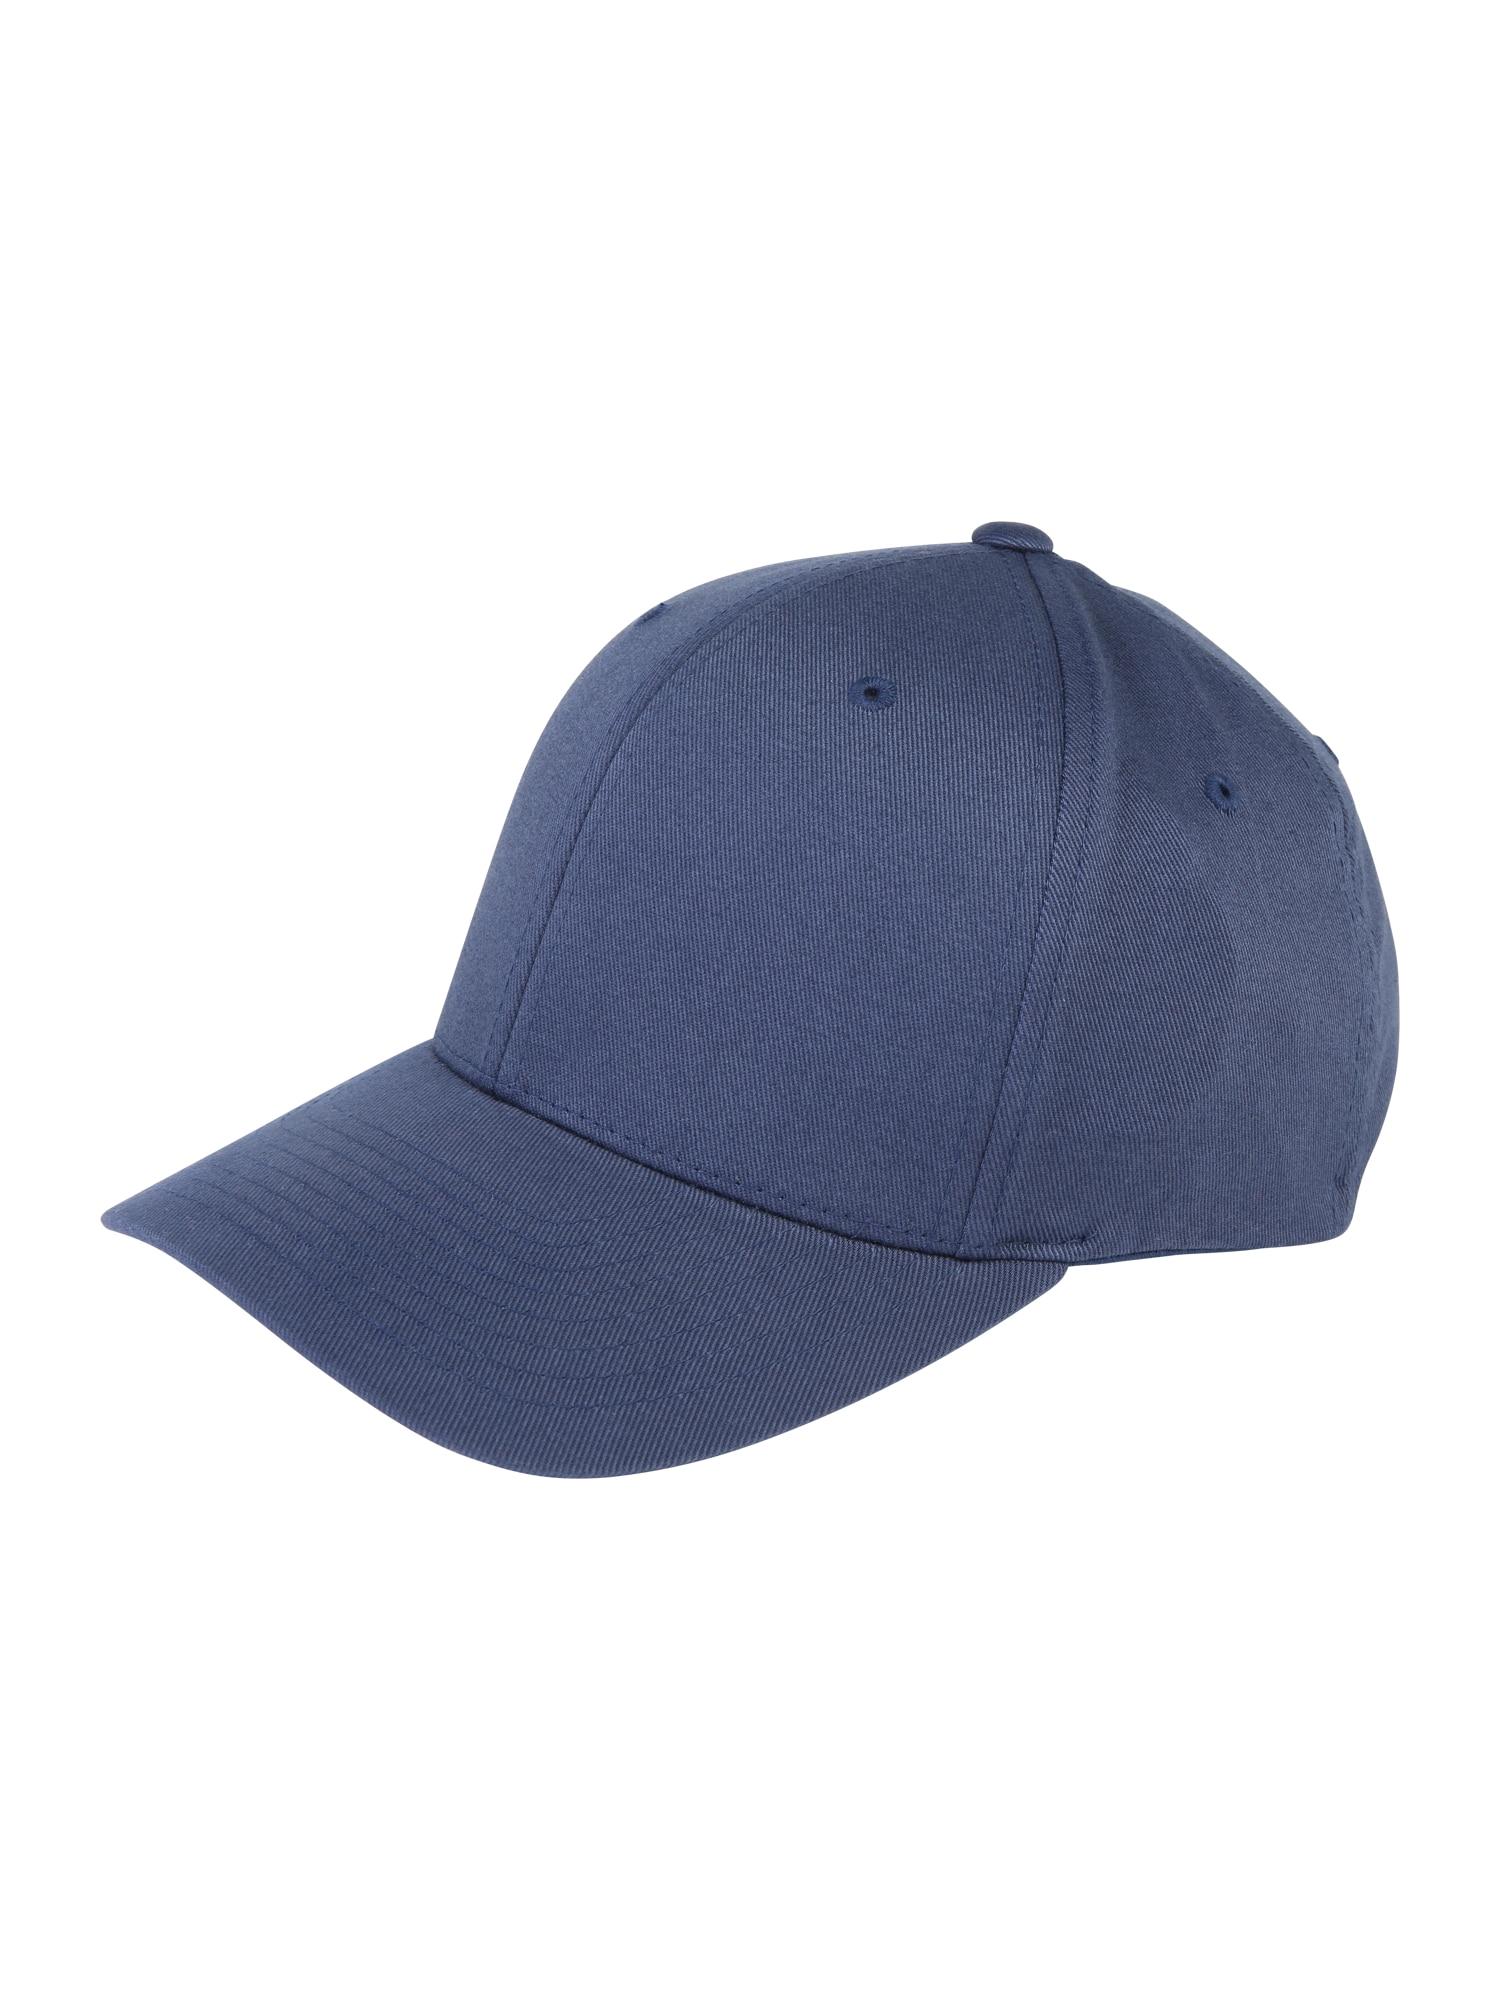 Kšiltovka Wooly Combed námořnická modř Flexfit